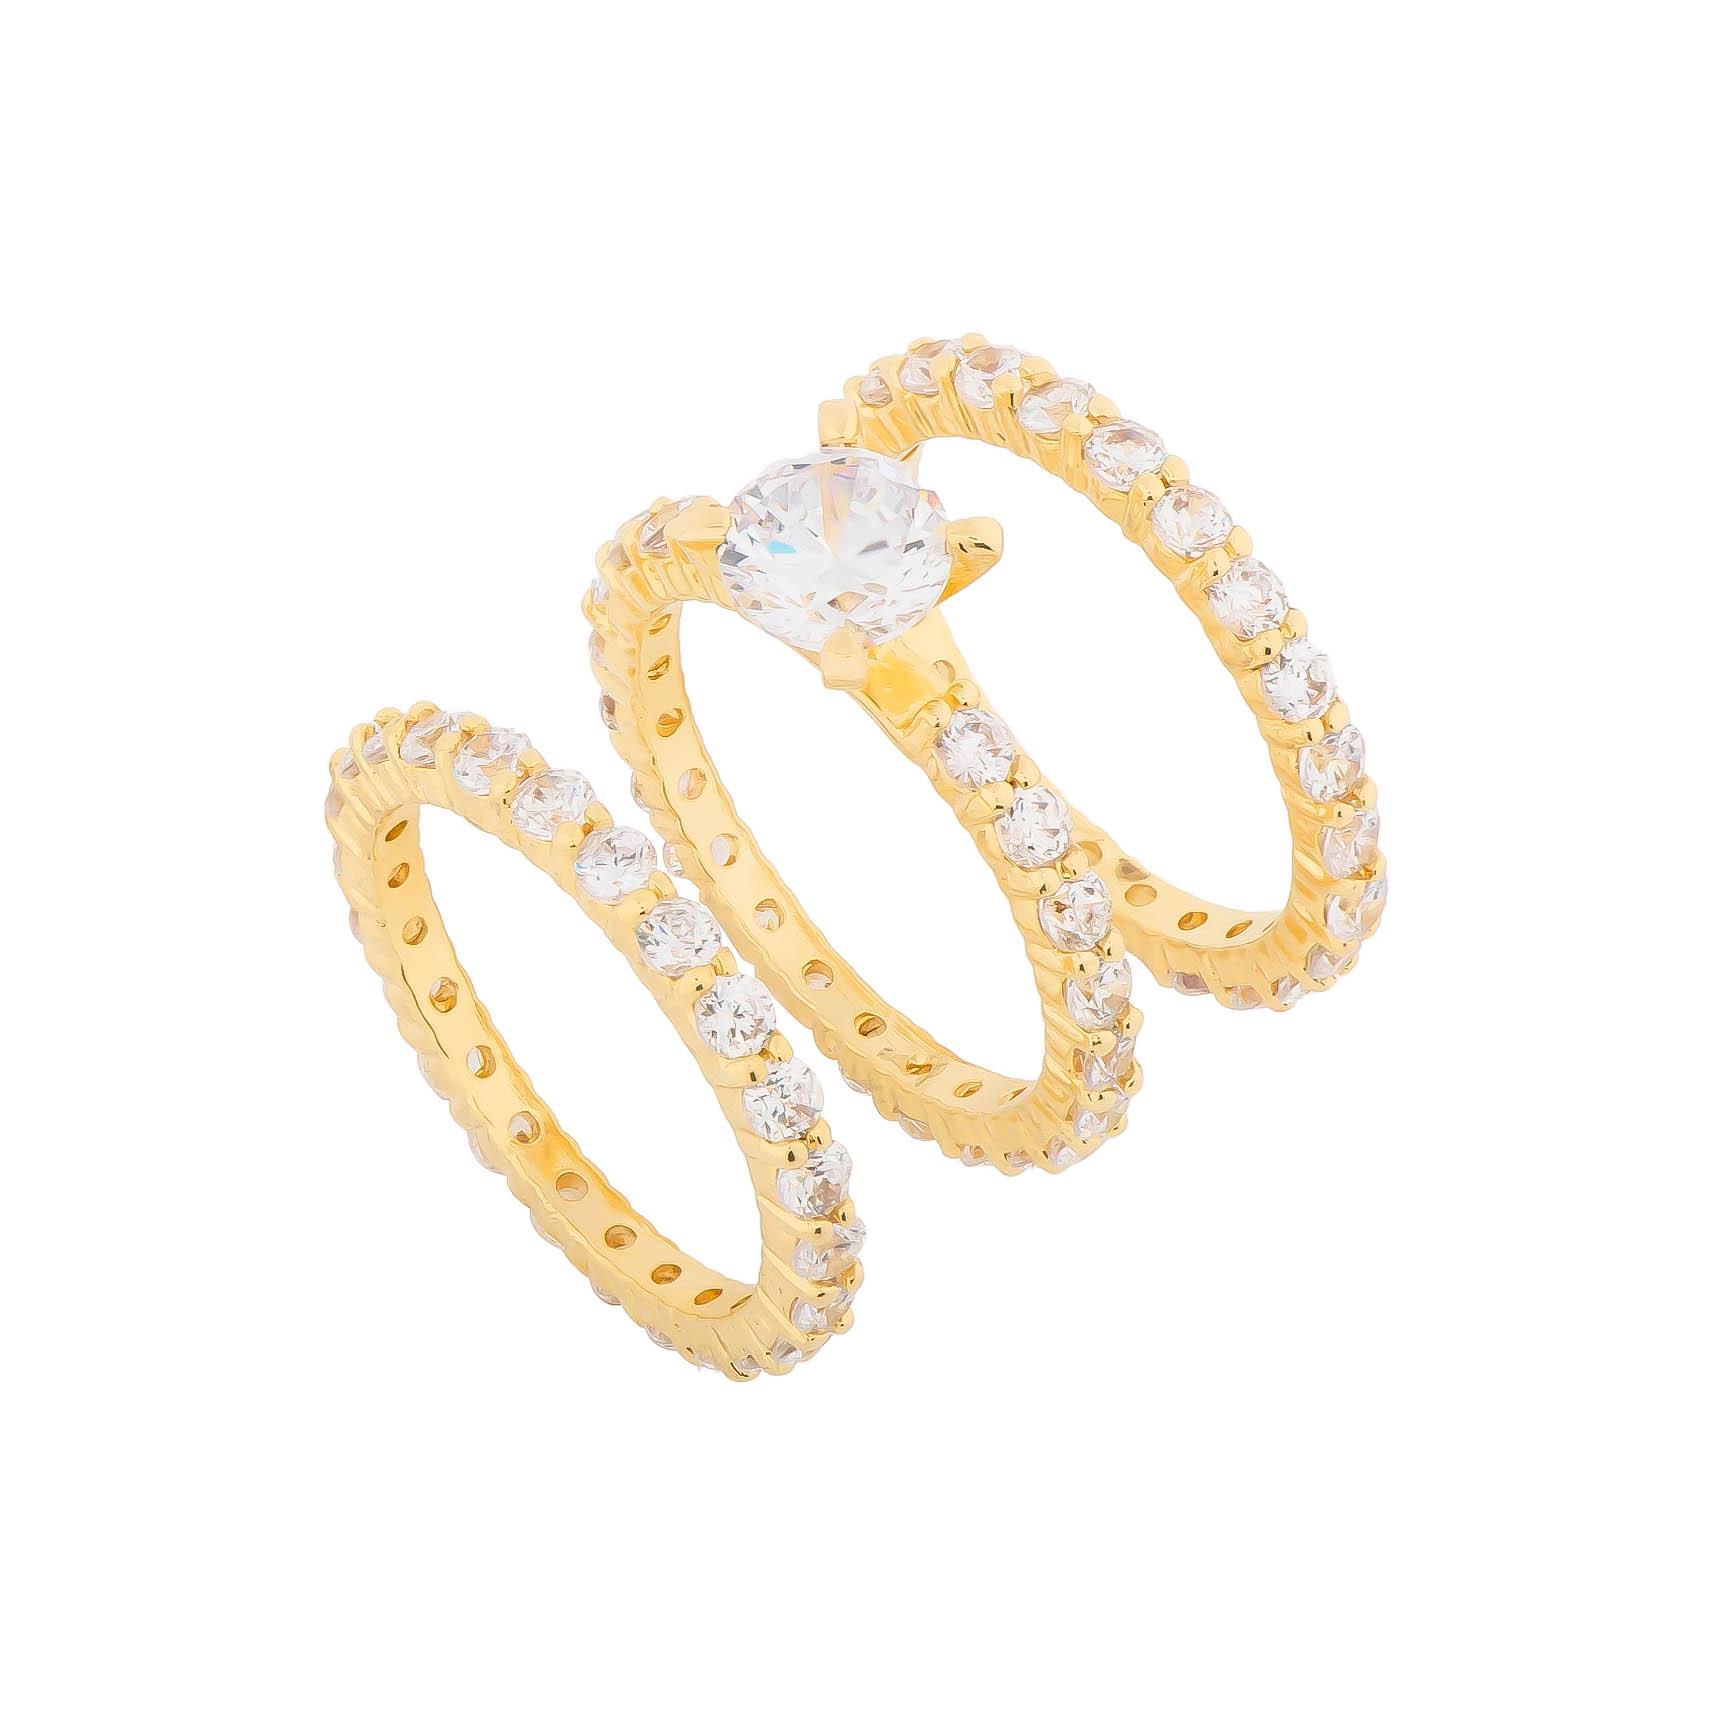 Trio de Anéis Solitário e Aparadores Cravejado em Zircônias Folheado em Ouro 18k